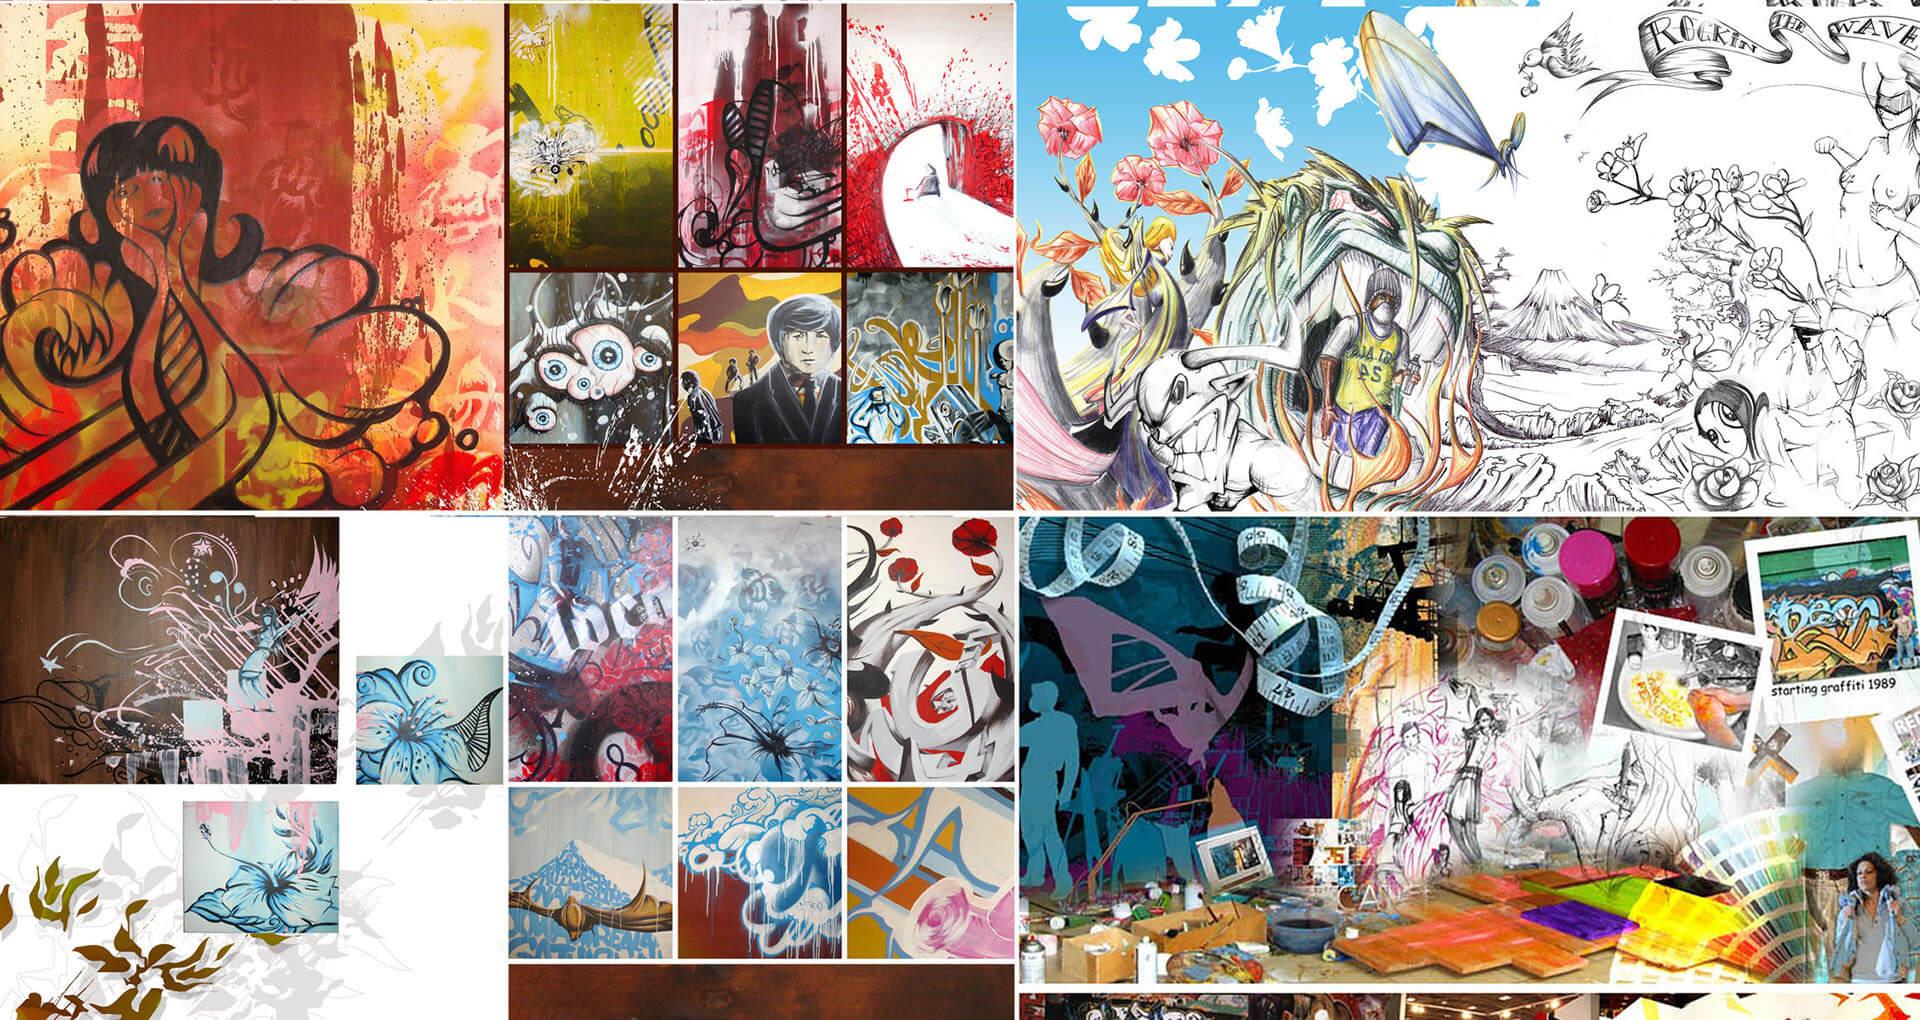 art artist street art illustrator art paintings illustration cover street grafitti grafik gregor fenger 1